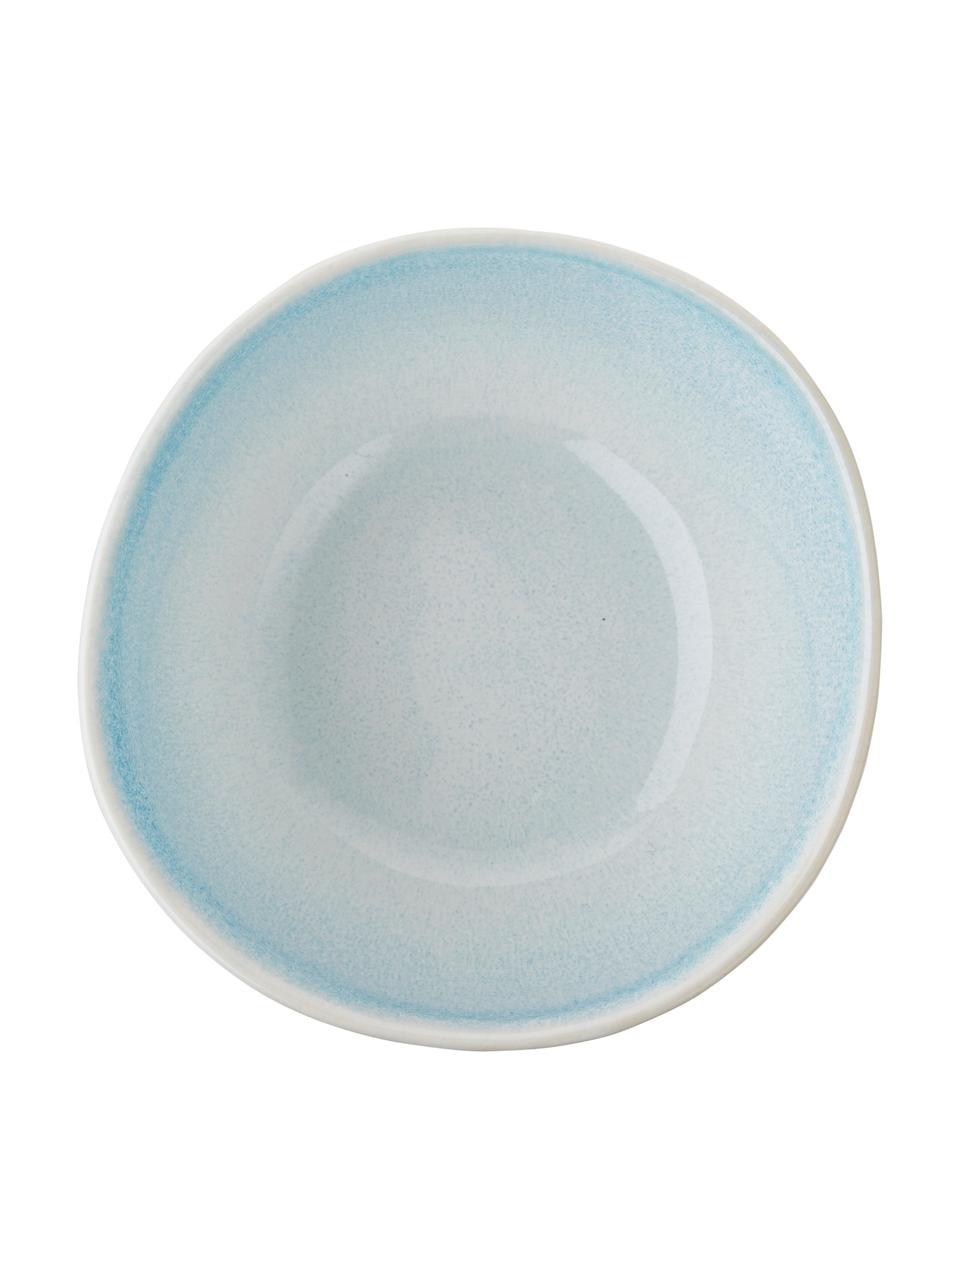 Ciotola fatta a mano Amalia 2 pz, Porcellana, Azzurro, bianco crema, Ø 14 x Alt. 7 cm